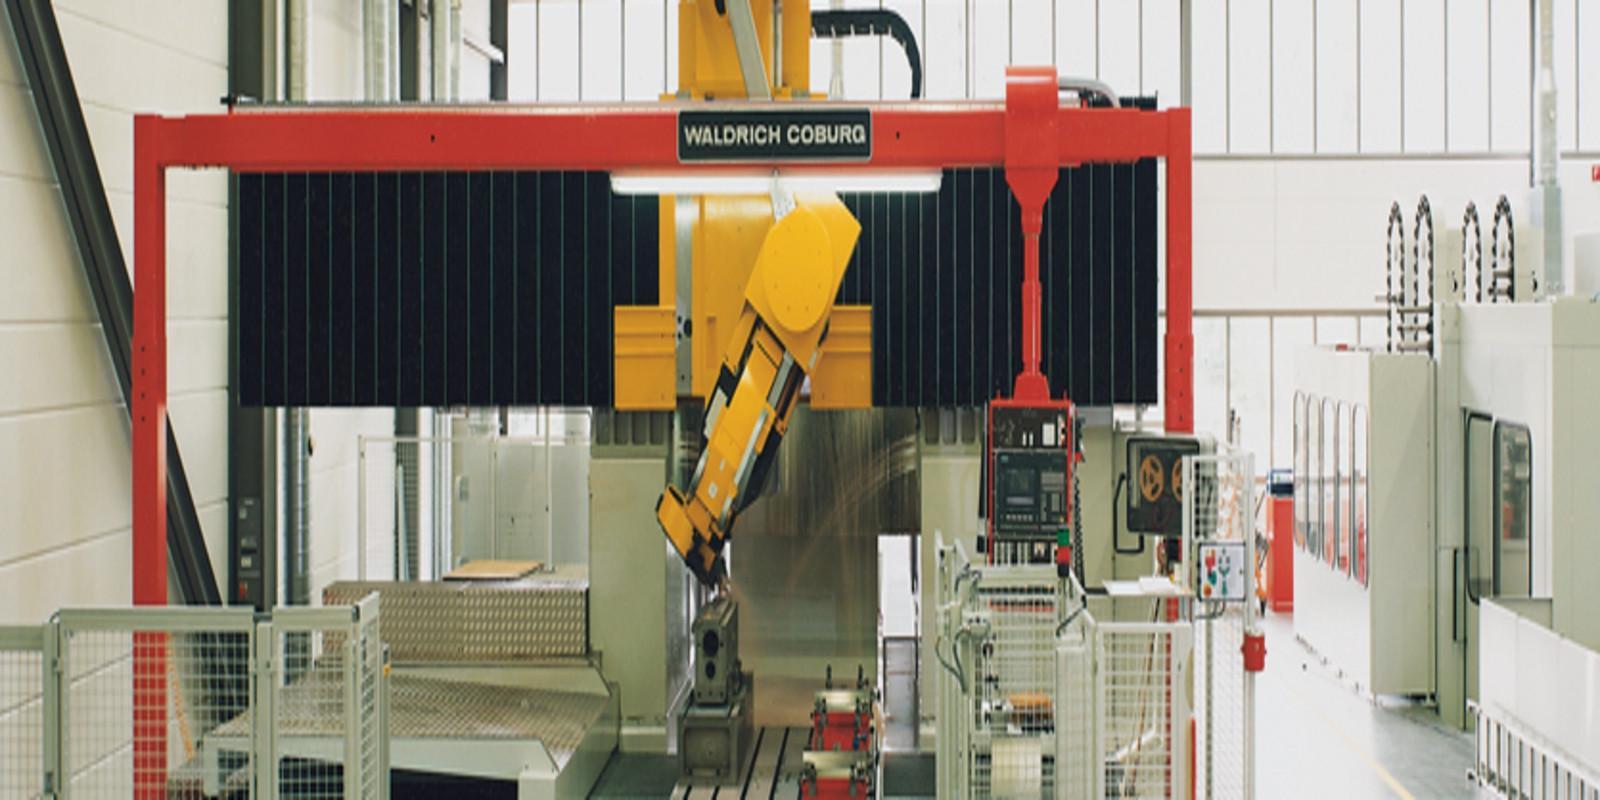 Waldrich Coburg WayGrind Machine